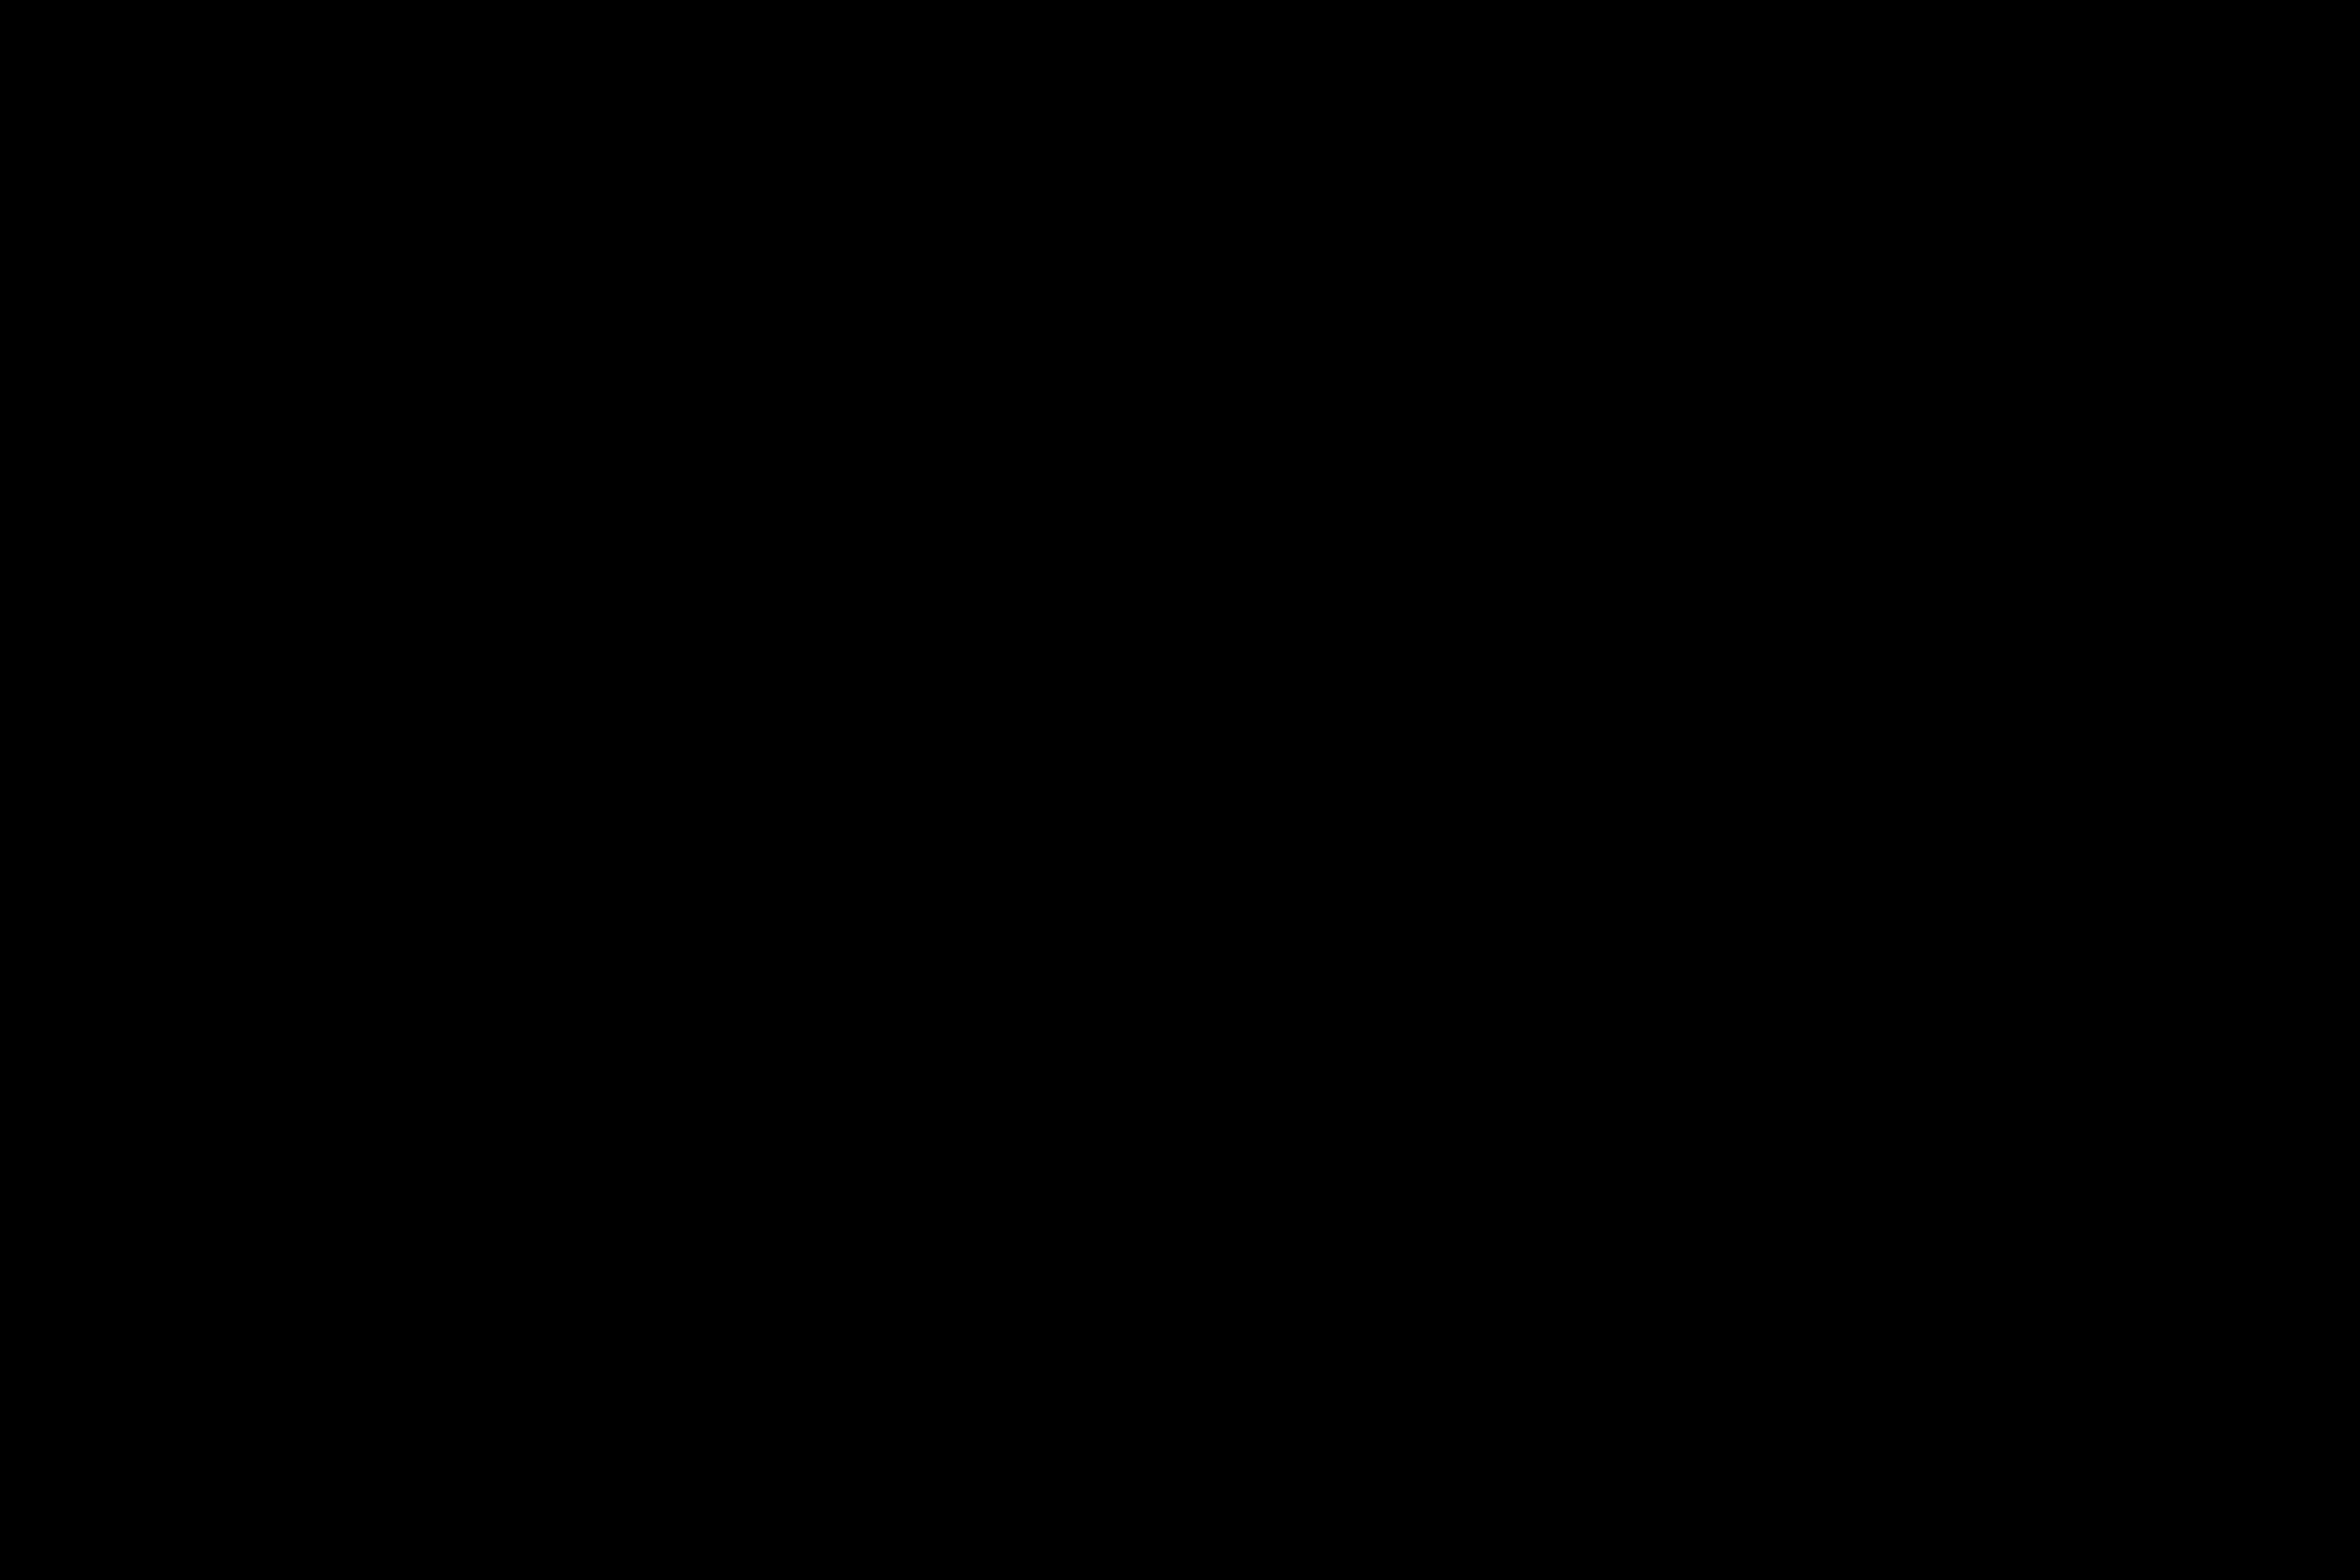 Cada camisa possui um efeito gráfico único, com o emblema do clube e o  logotipo da Adidas bordados no peito.